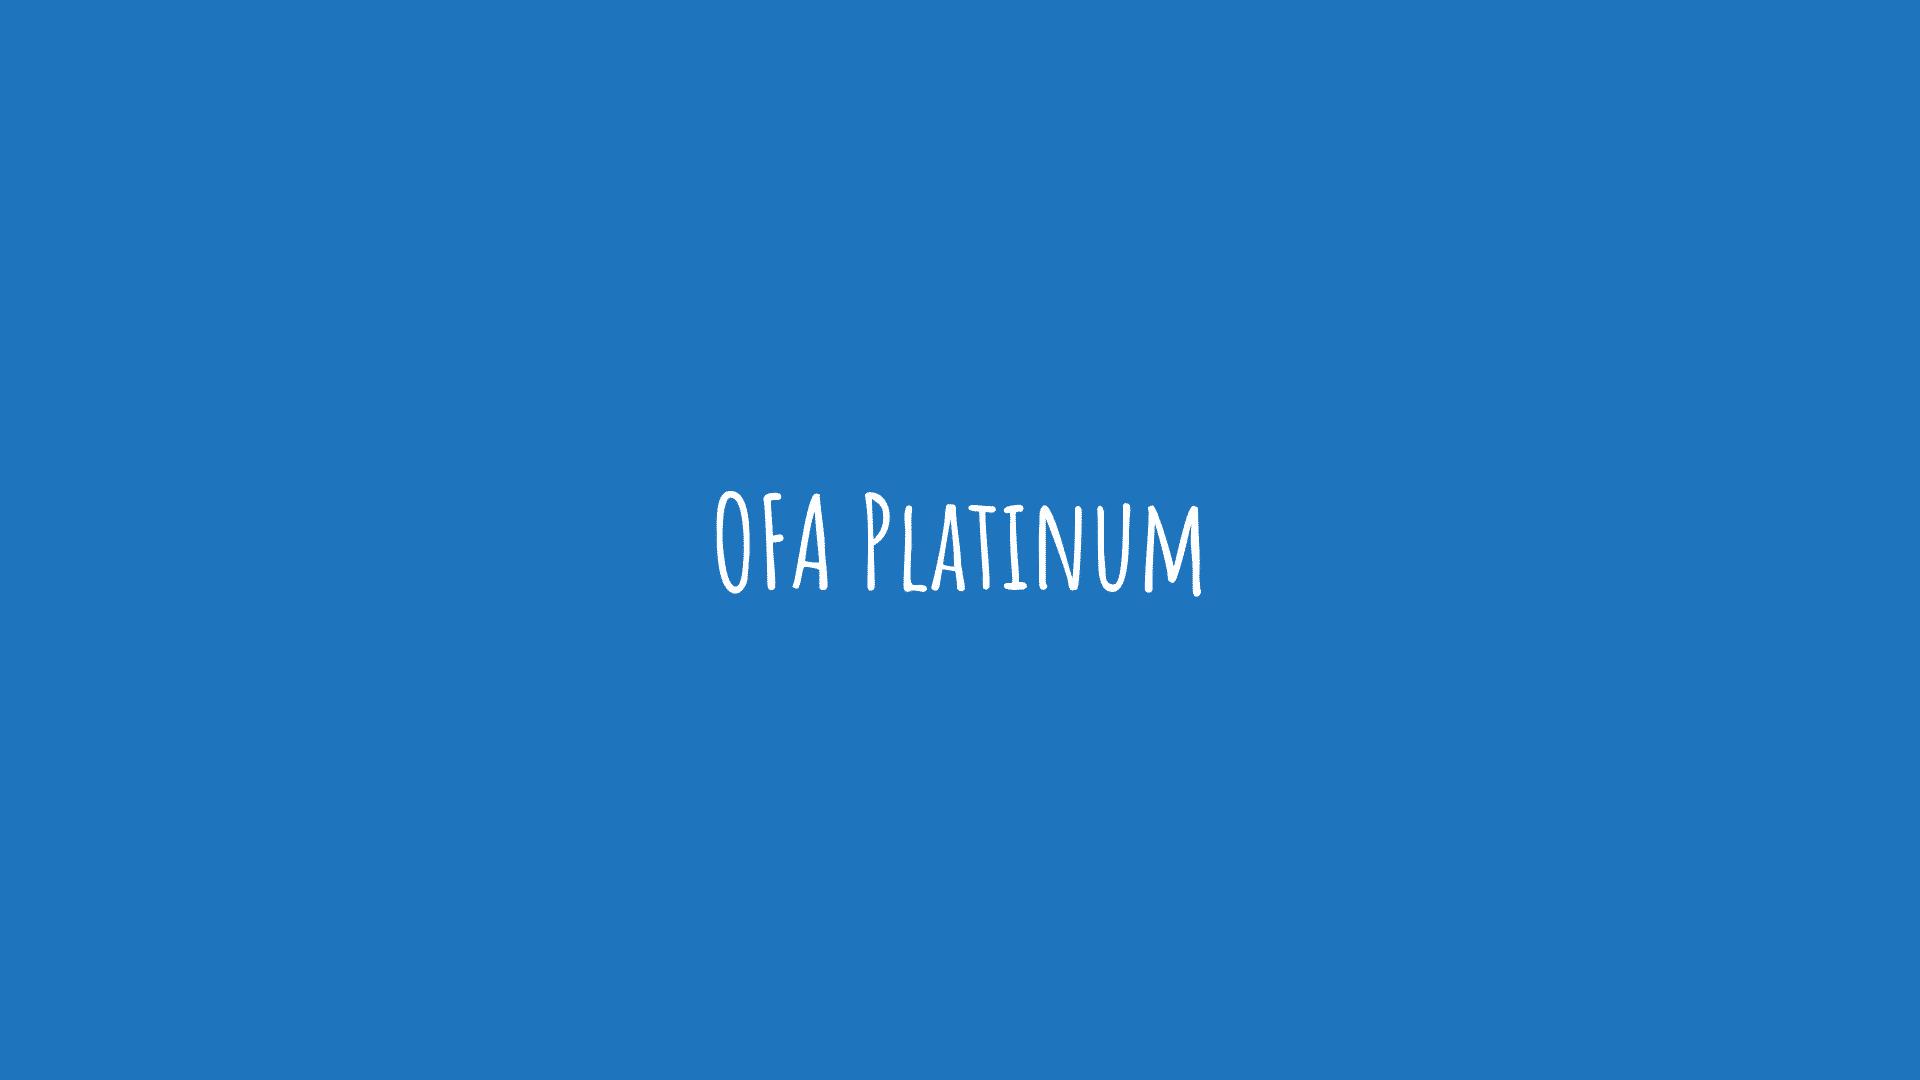 OFA Platinum